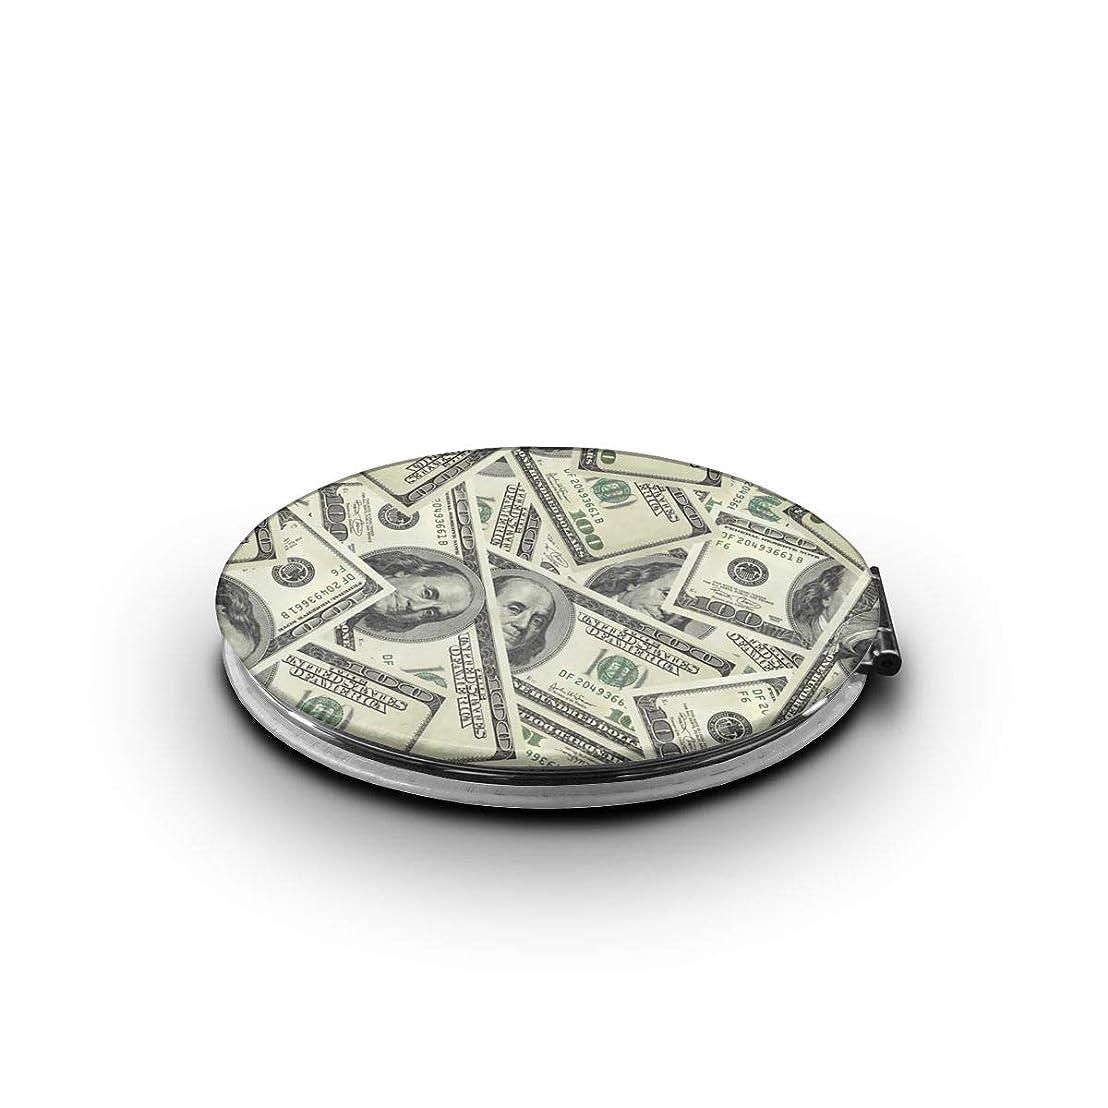 四面体虎利点携帯ミラー ドル お金 アメリカ ミニ化粧鏡 化粧鏡 3倍拡大鏡+等倍鏡 両面化粧鏡 楕円形 携帯型 折り畳み式 コンパクト鏡 外出に 持ち運び便利 超軽量 おしゃれ 9.0X6.6CM